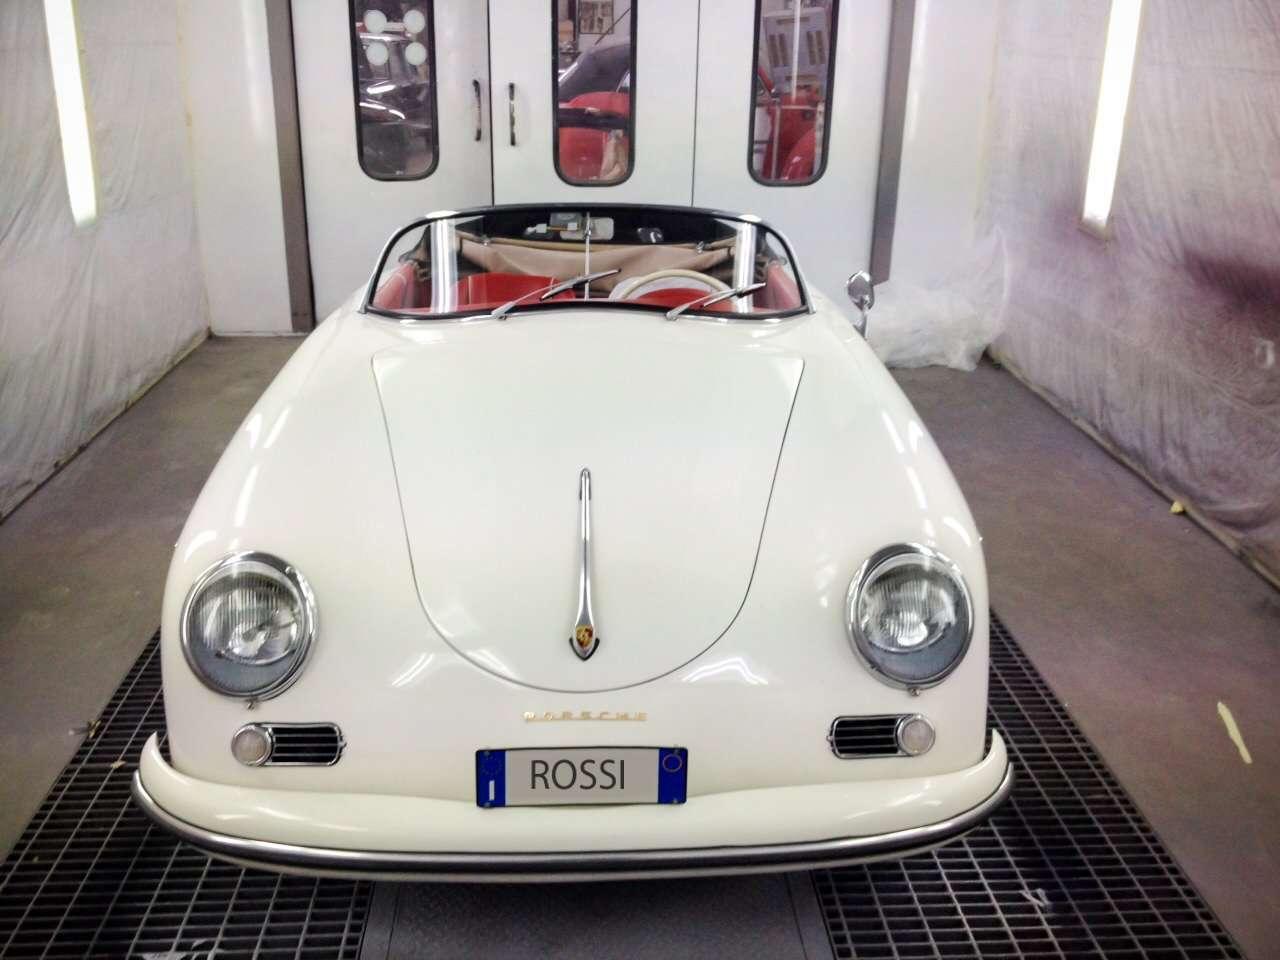 Porsche 356 - Carrozzeria Rossi